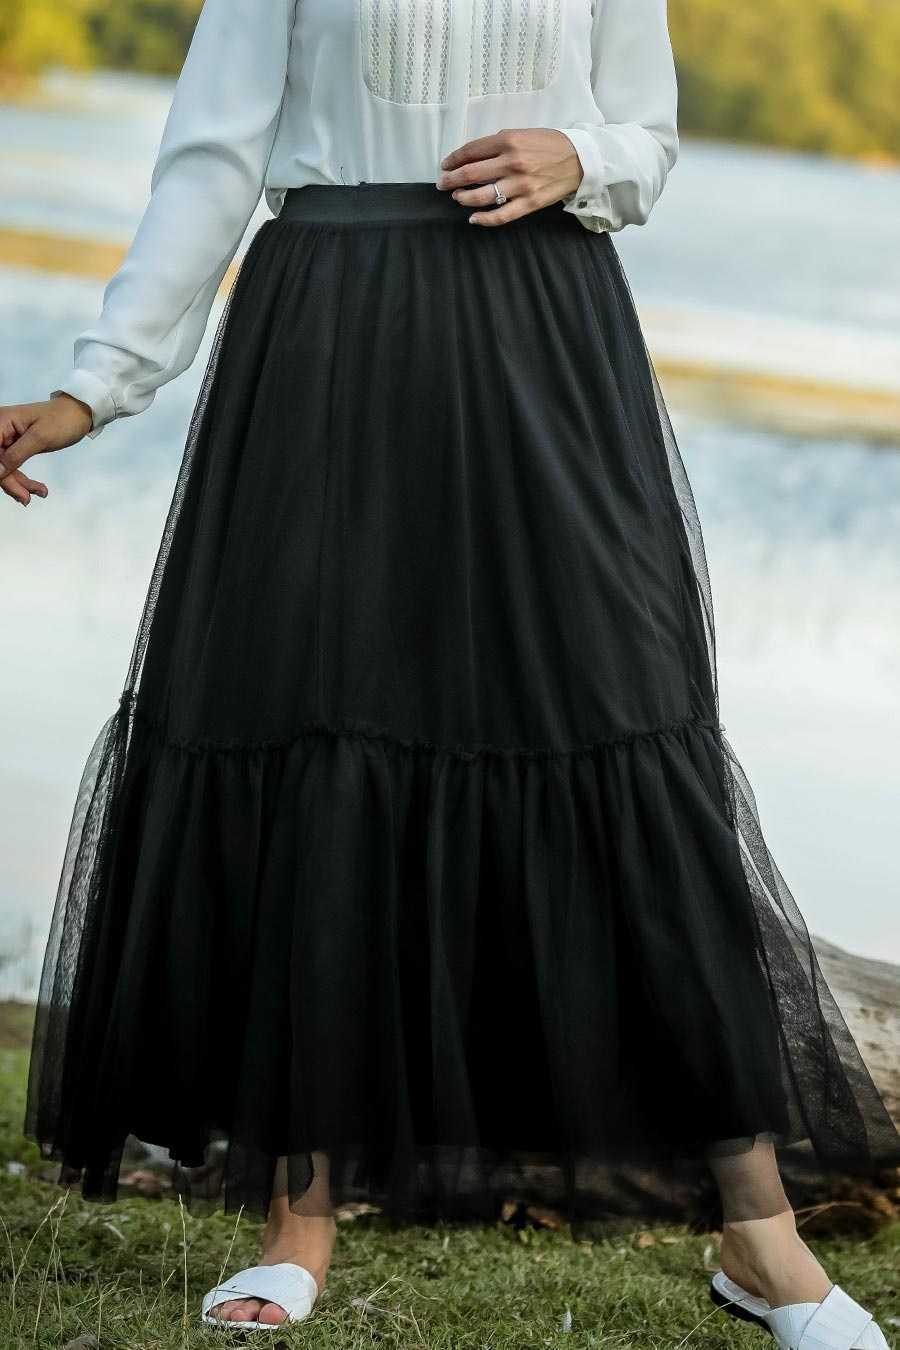 Neva Style Tesettür Tüllü Siyah Etek Modelleri